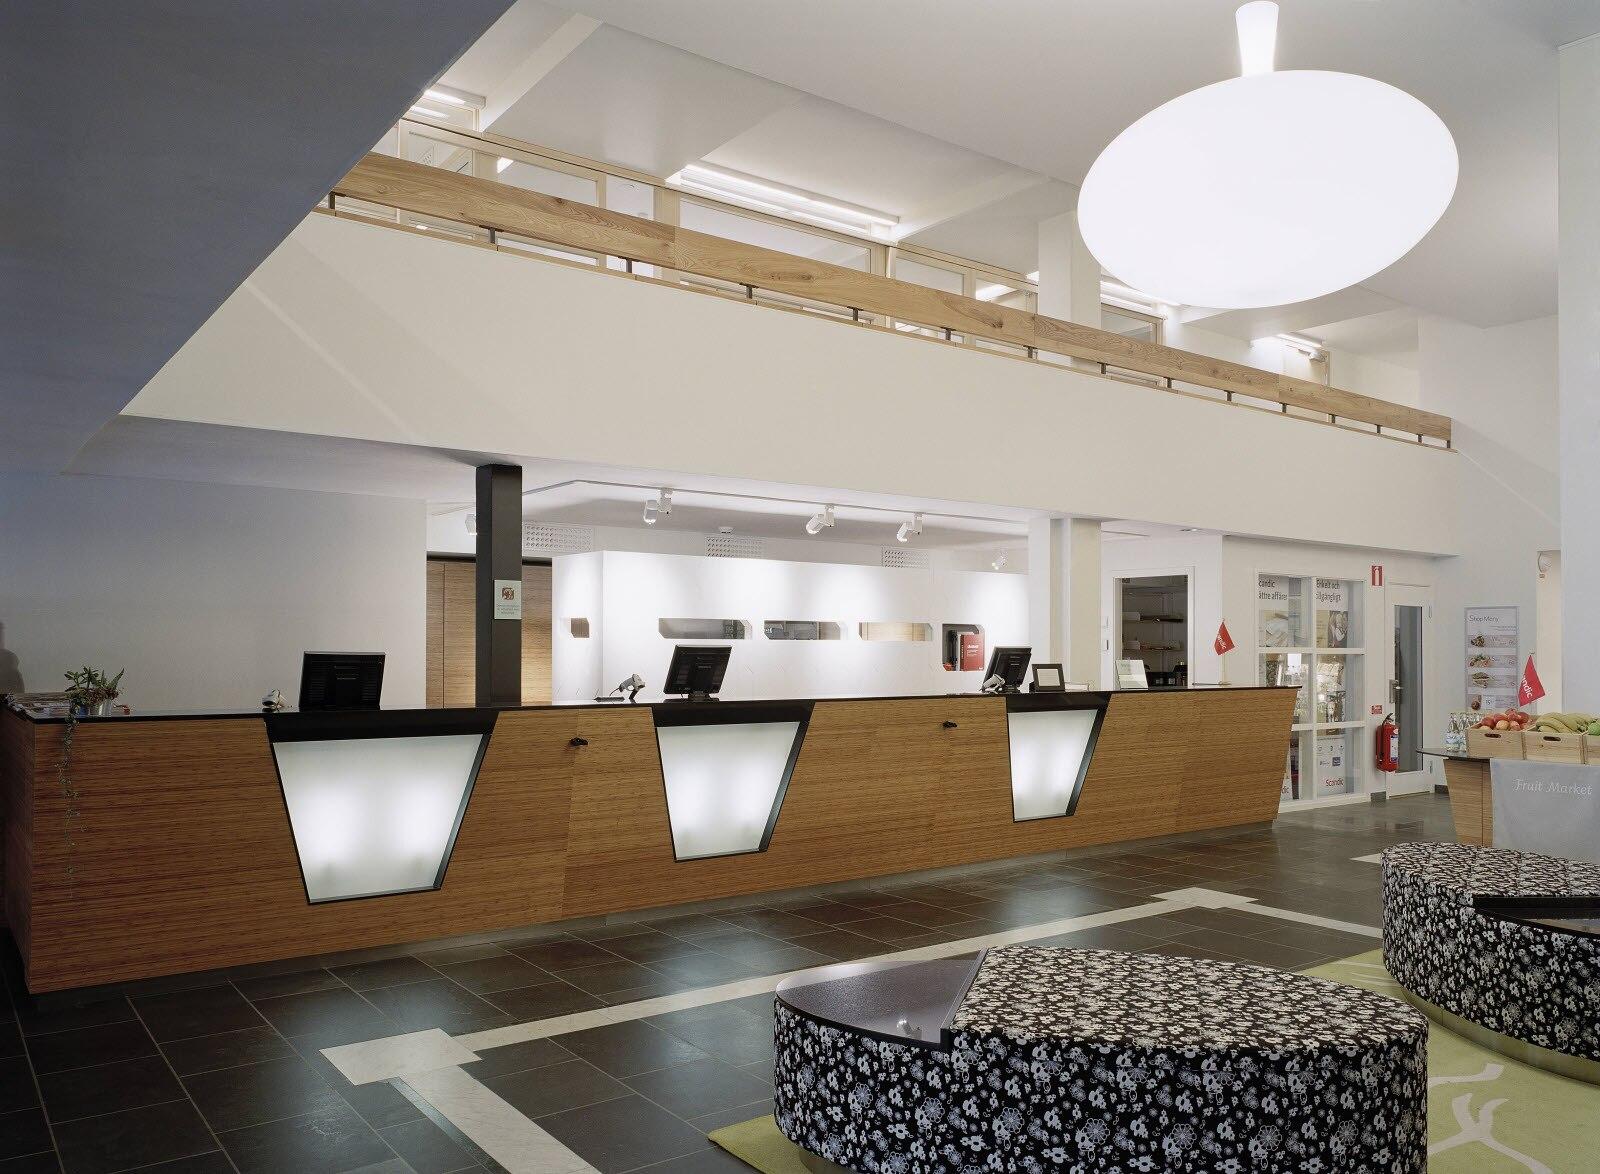 scandic s t j rgen hotel in malm scandic hotels. Black Bedroom Furniture Sets. Home Design Ideas